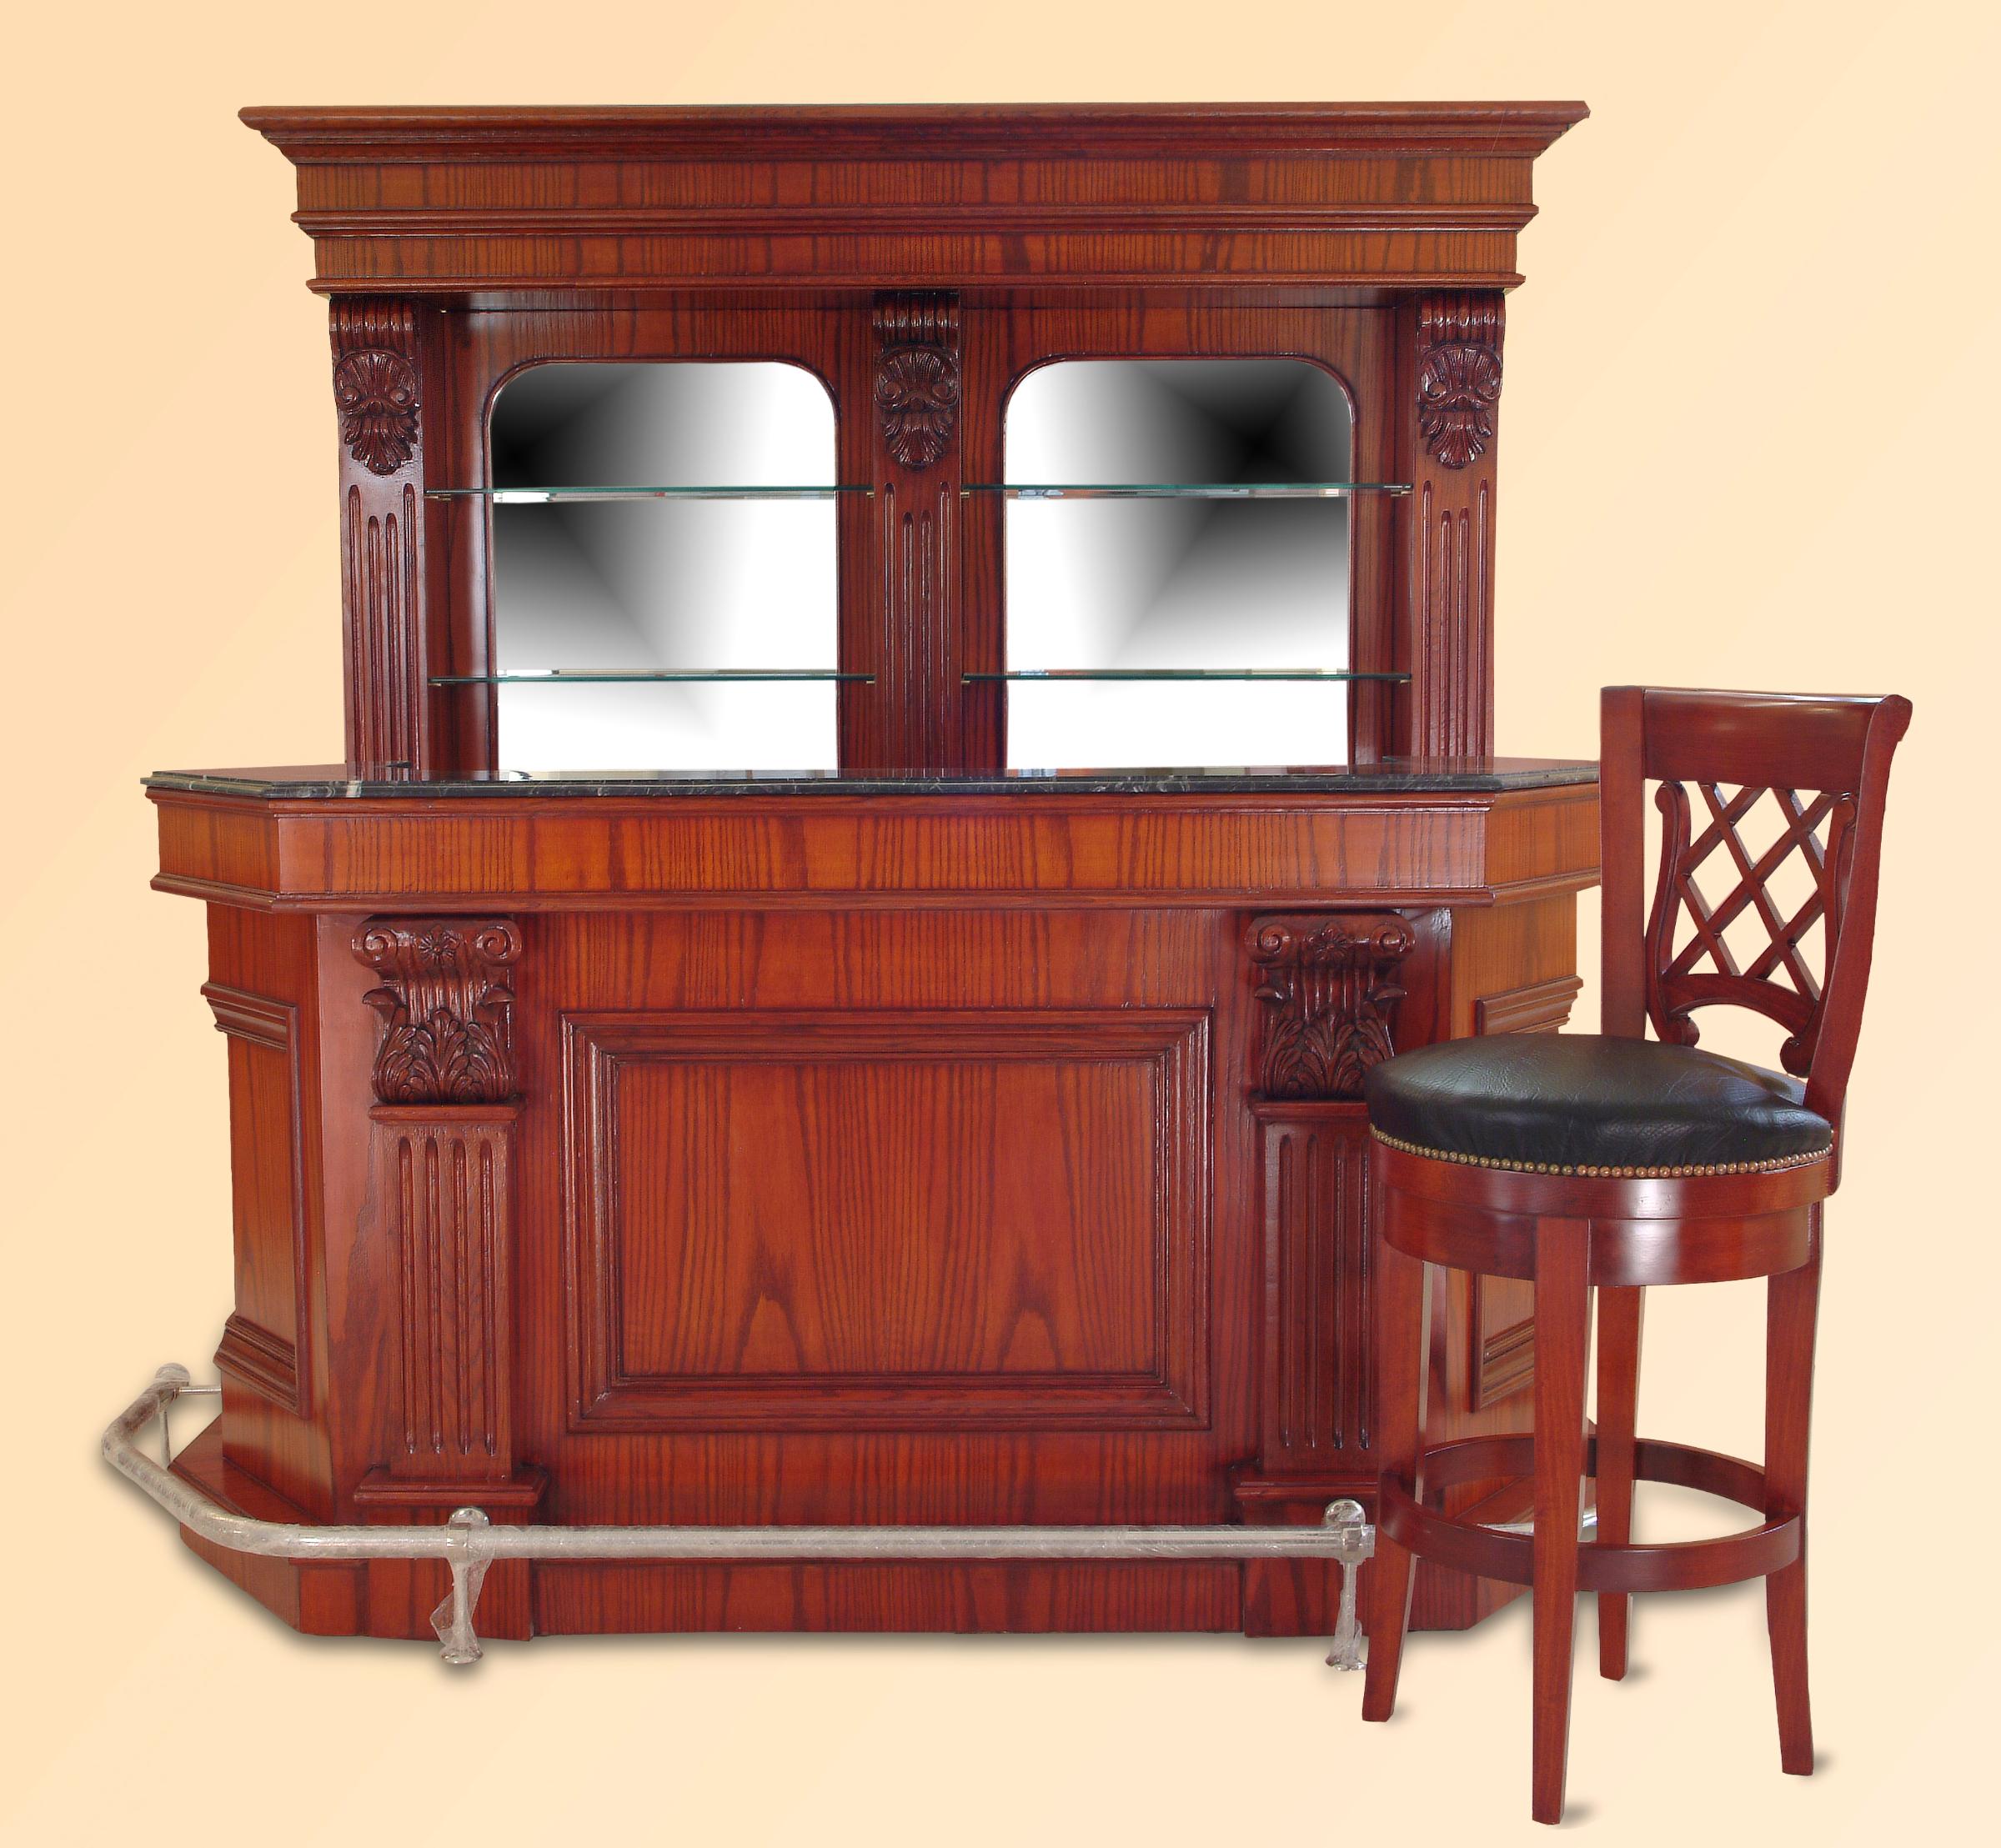 Bar 246ANG – 7 ft Oak Wood Marble Top Home Bar